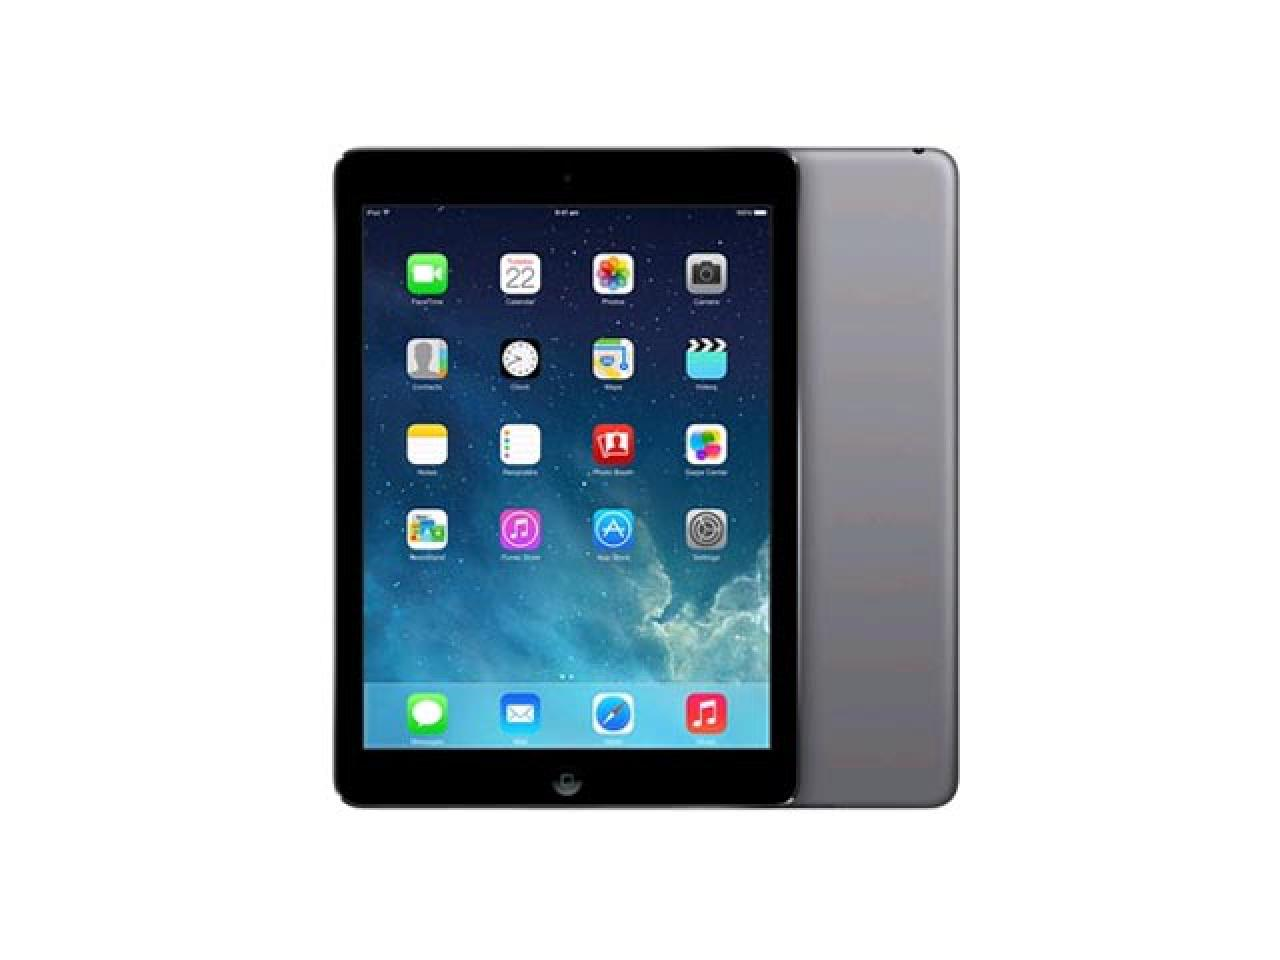 Apple iPad Air A1475 Spacegrau  - shop.bb-net.de